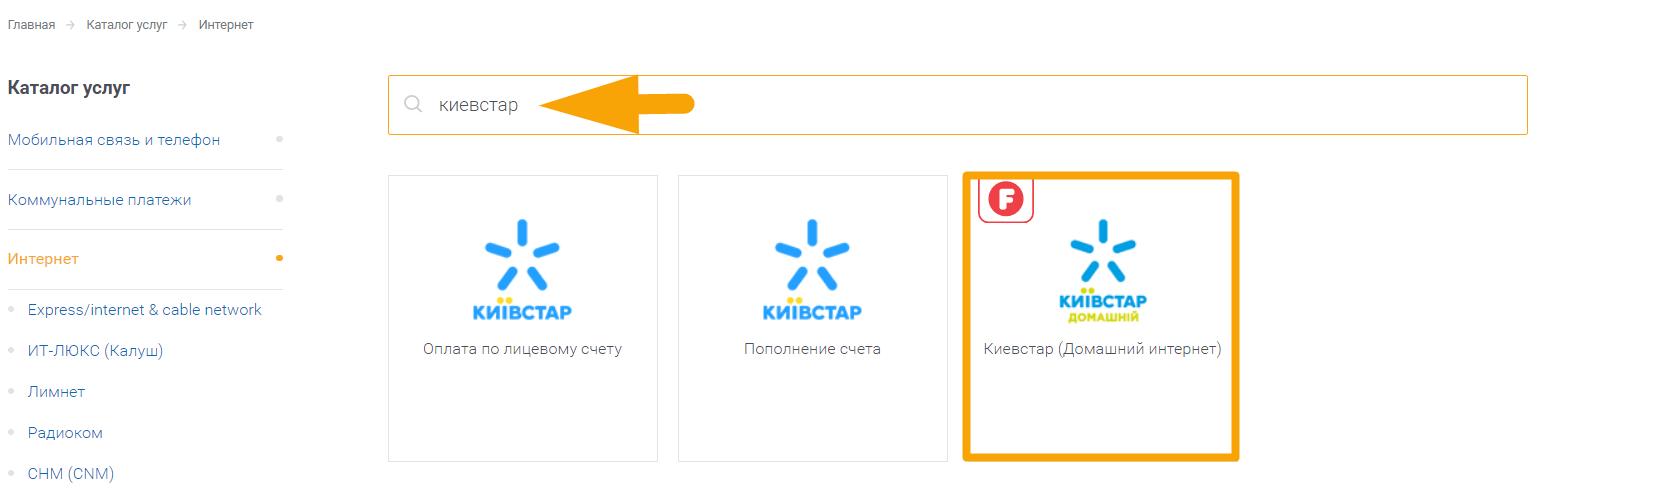 Как оплатить Киевстар Интернет - шаг 3